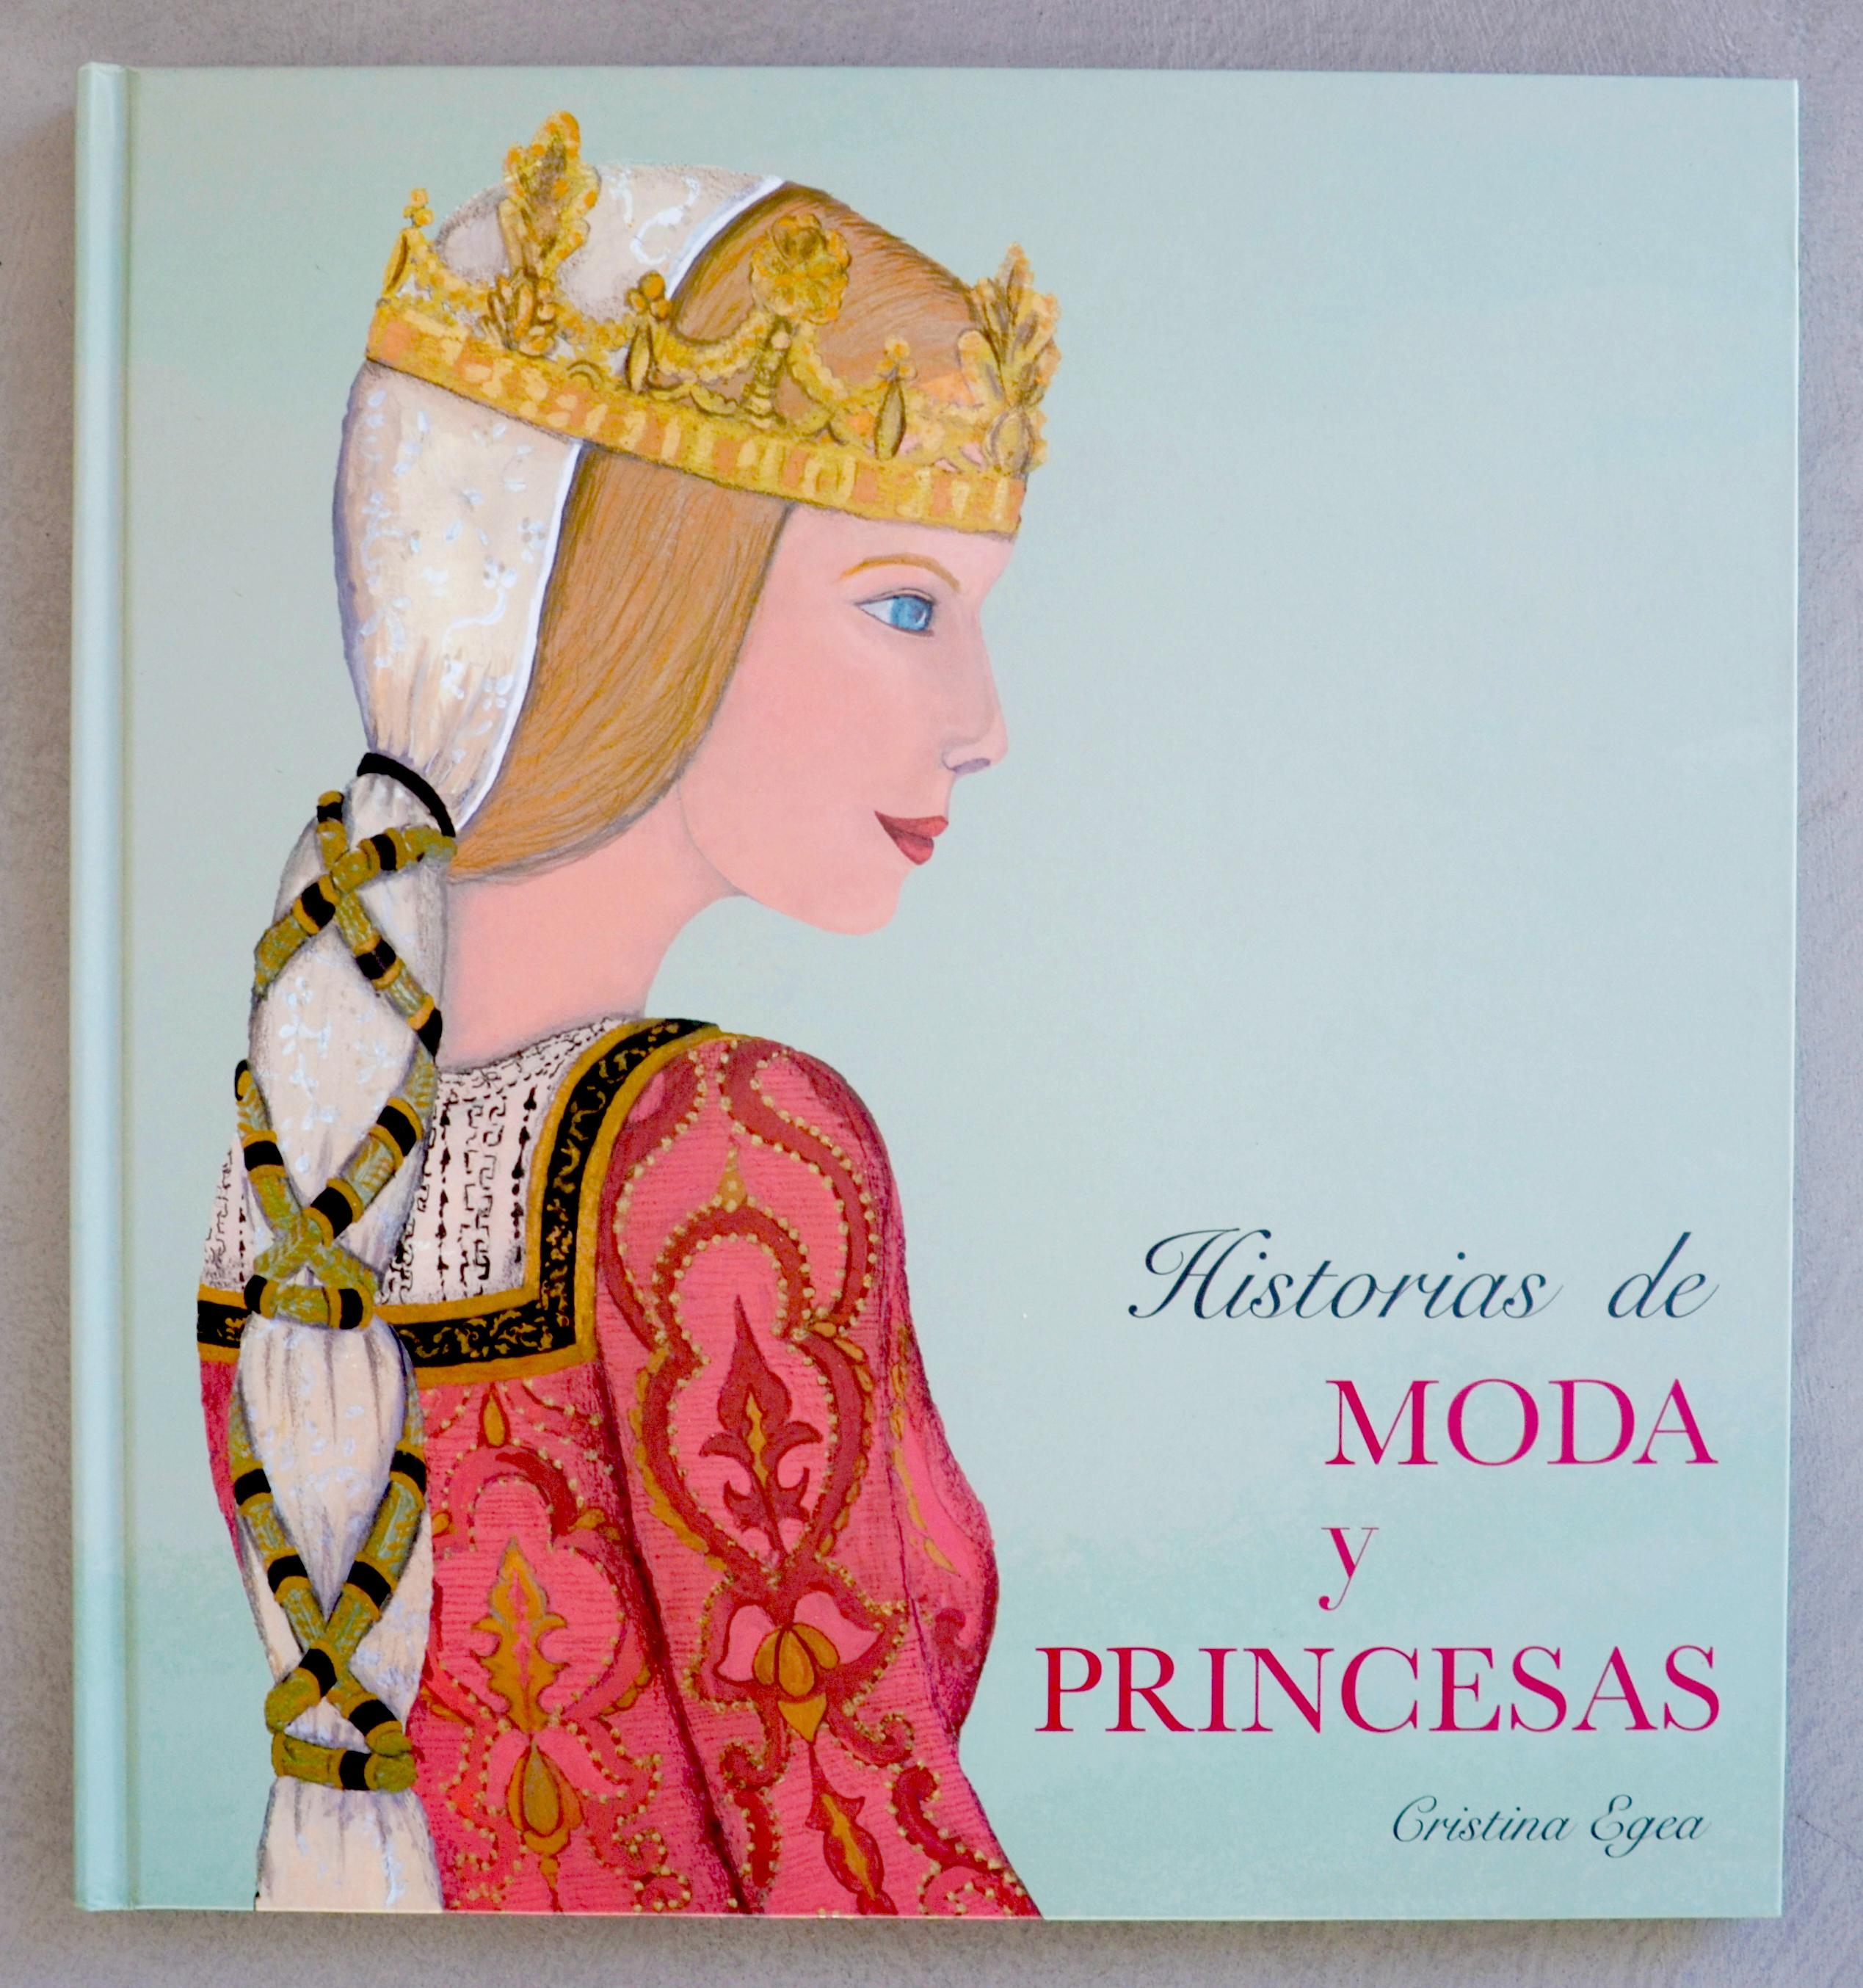 Portada del libro Historias de Moda y Princesas